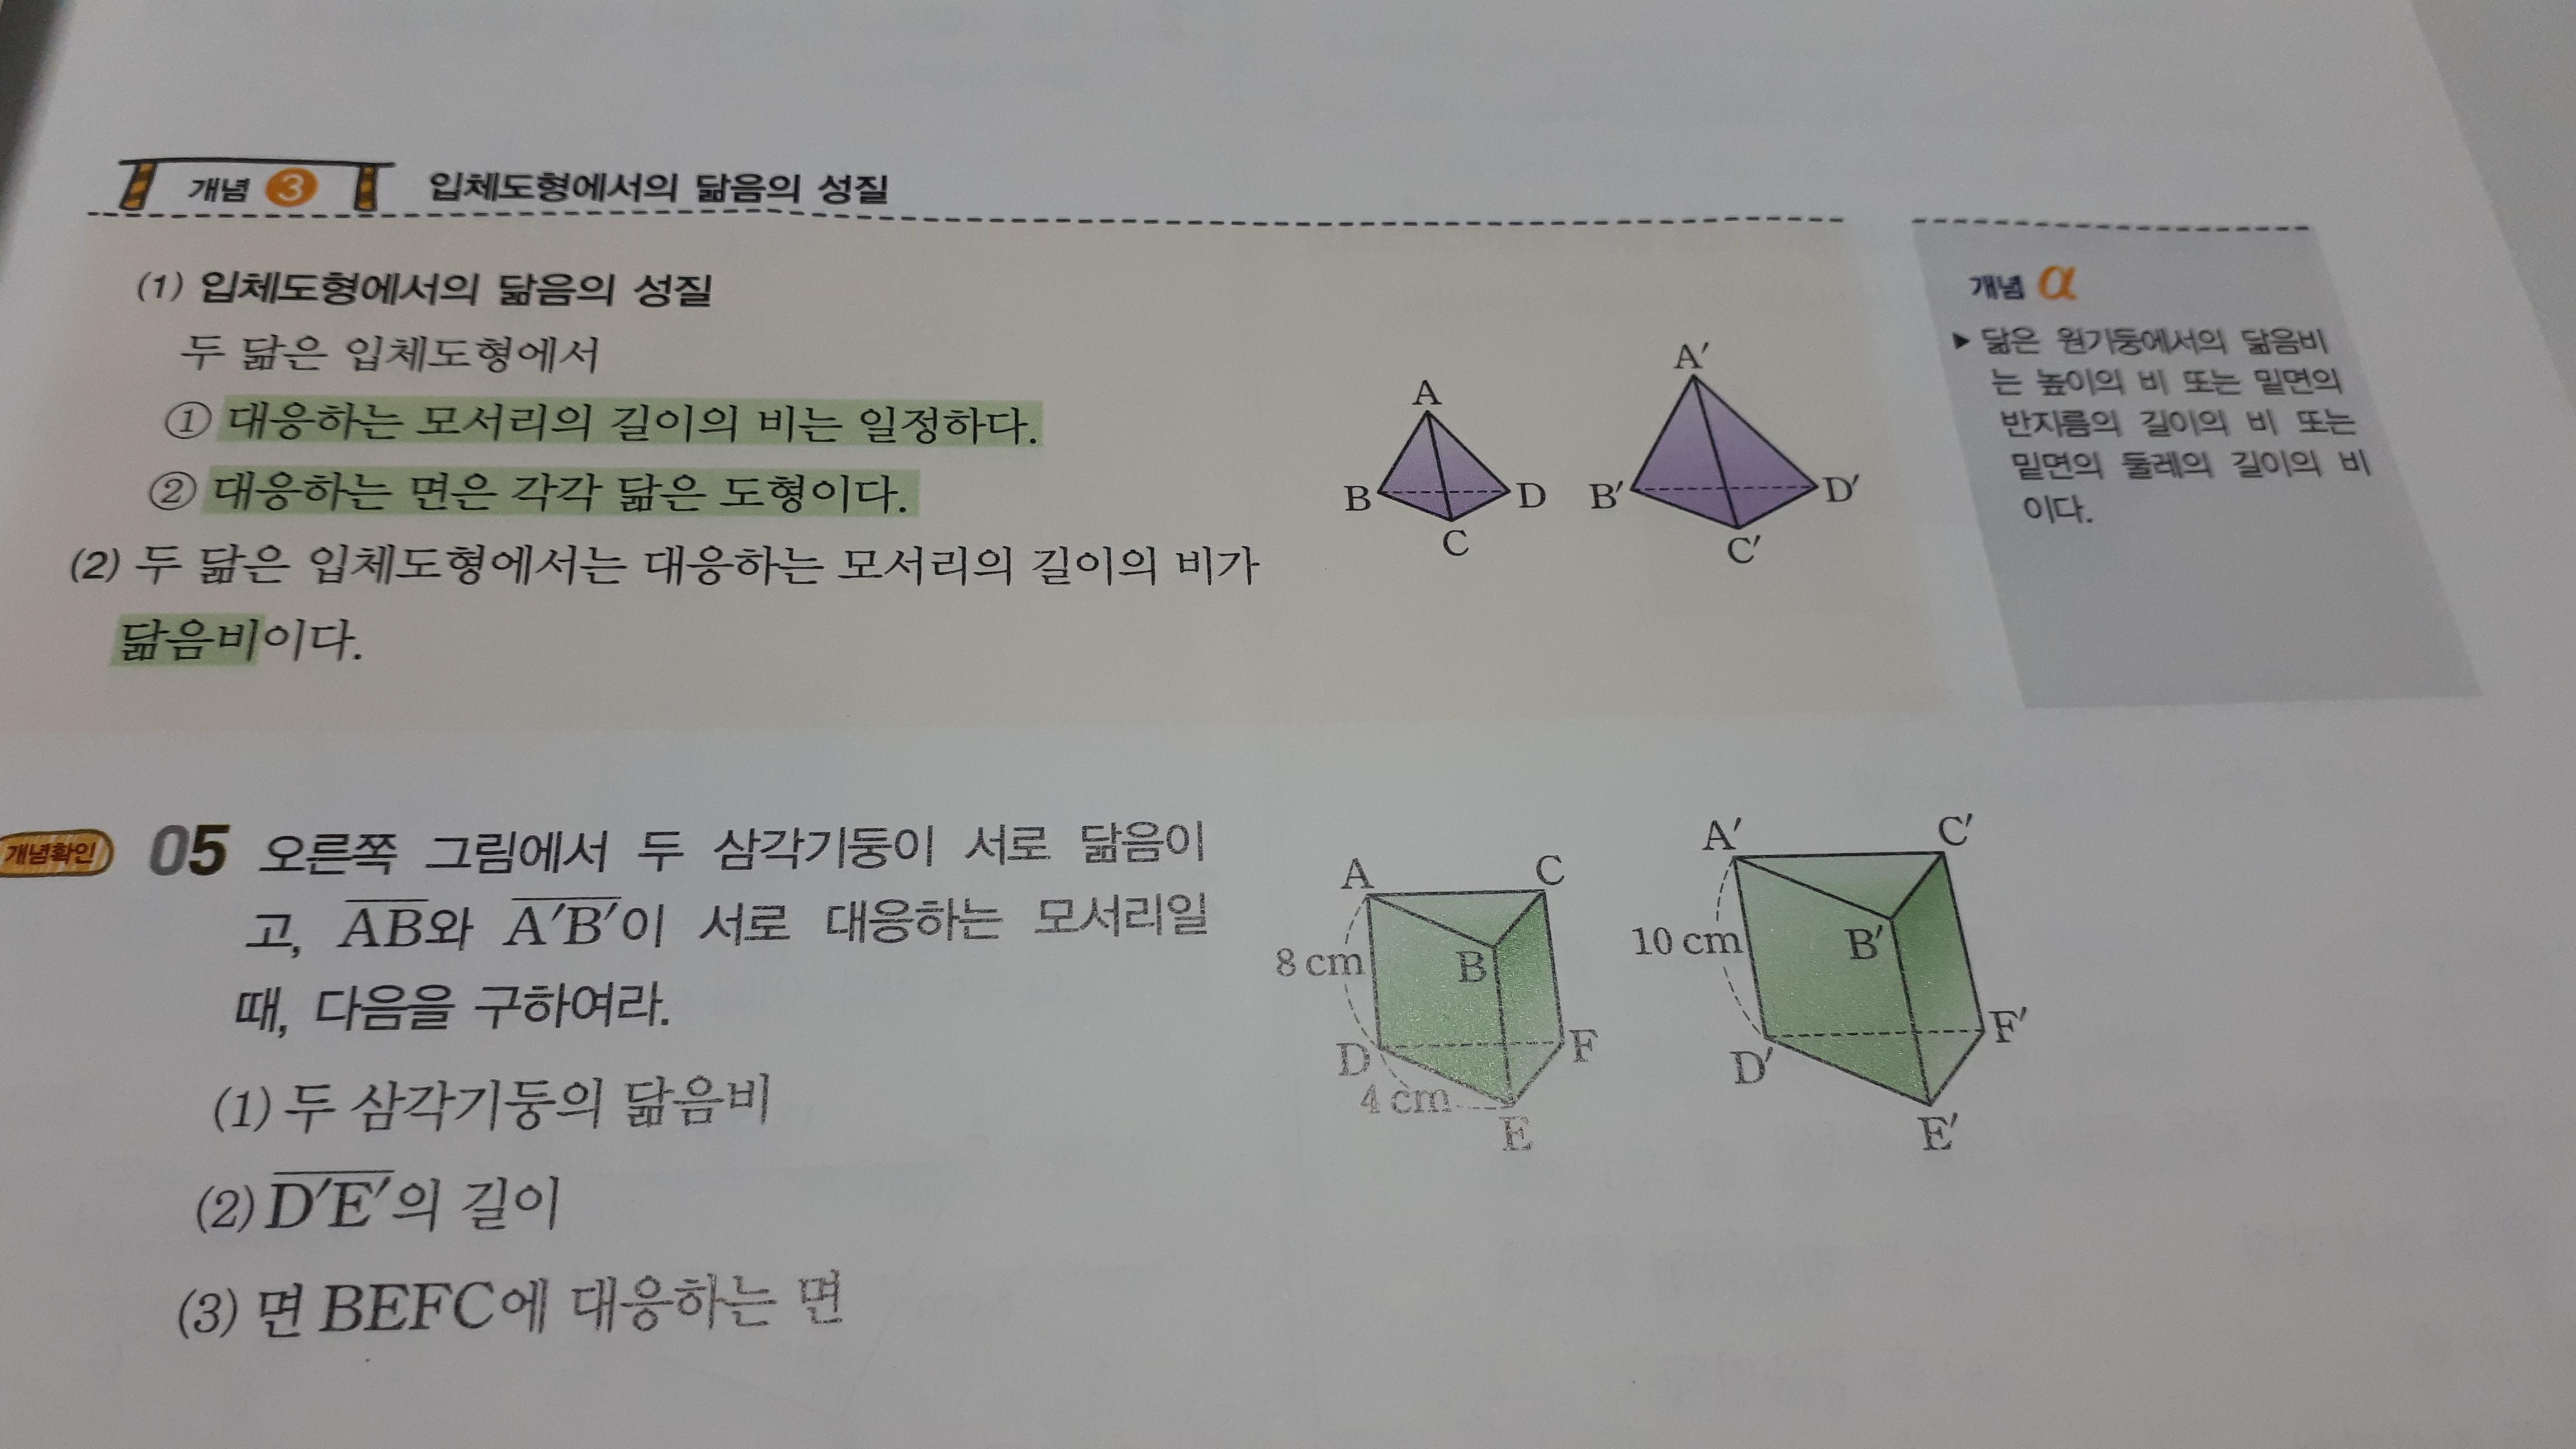 20200818_185124.jpg